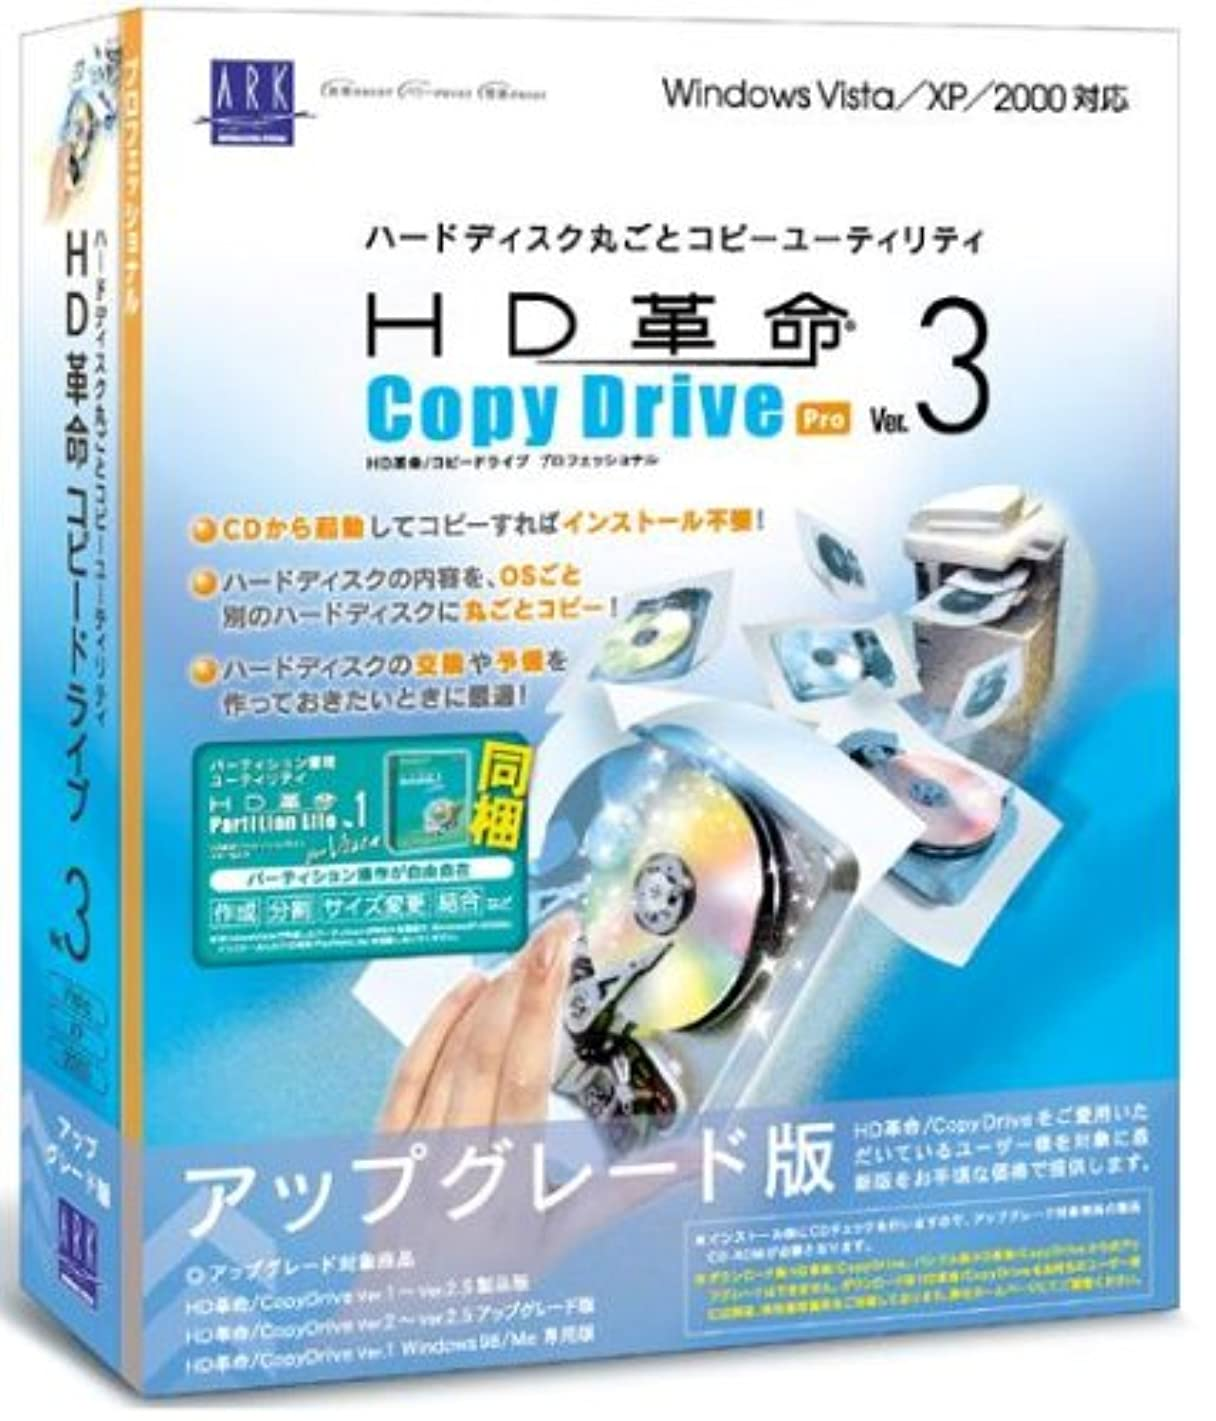 むき出しに対応抜け目のないHD革命/CopyDrive Ver.3 Pro アップグレード版